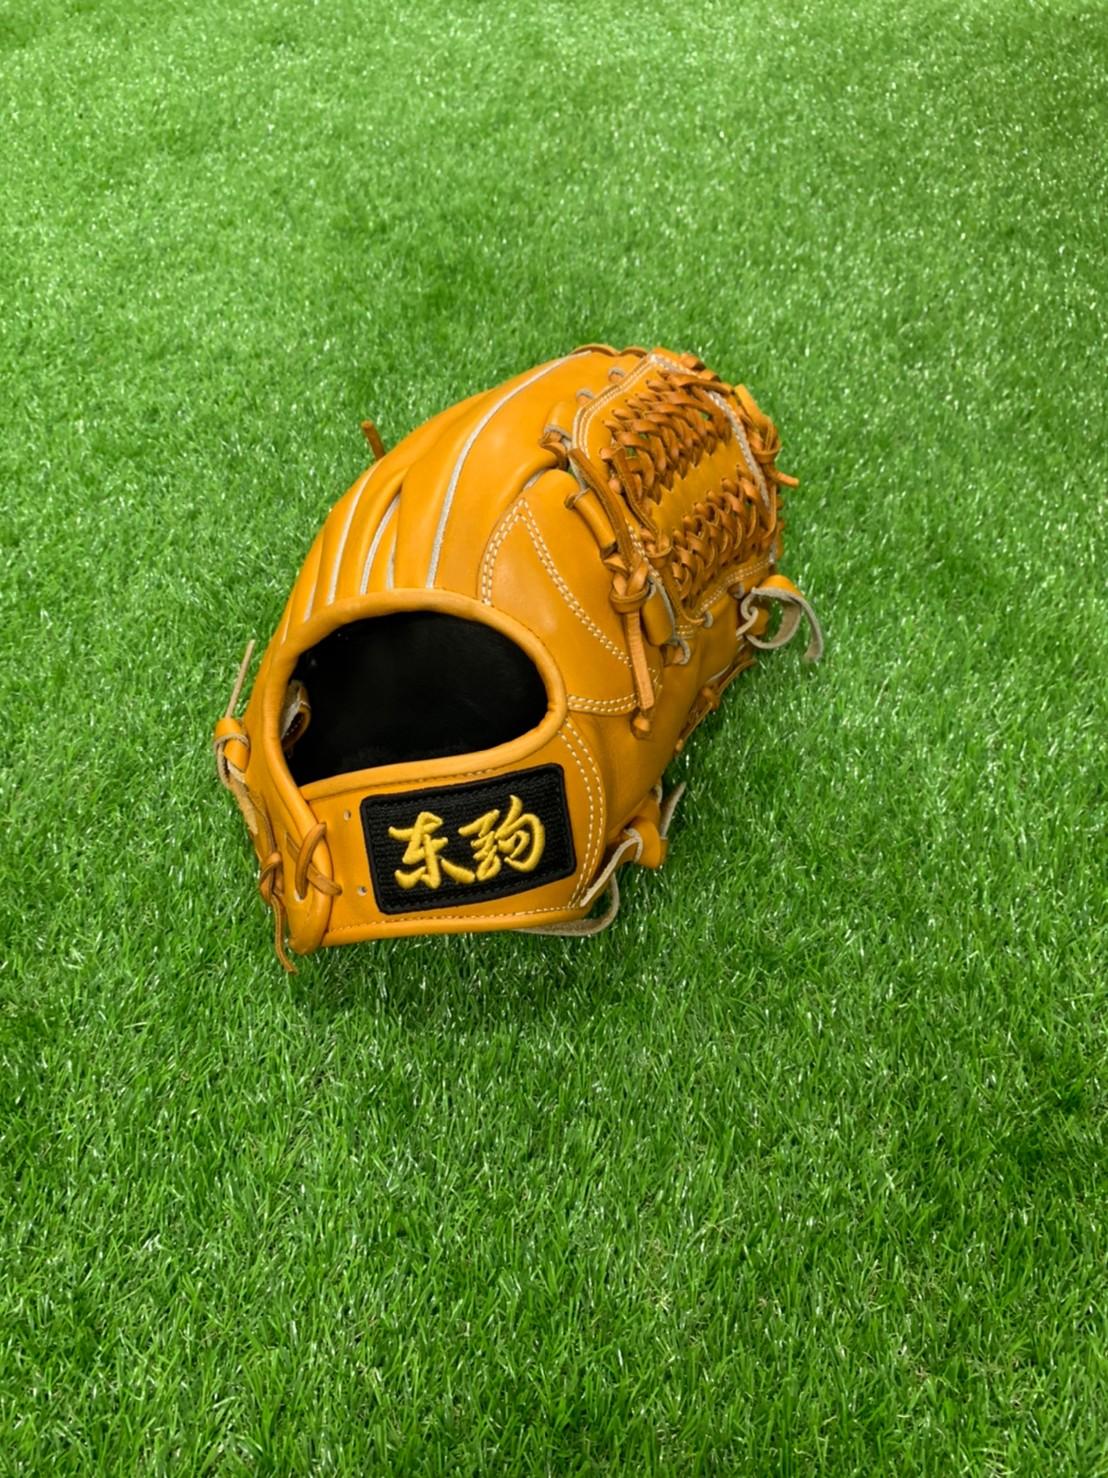 東駒スポーツ 超特価!硬式用グラブ/右投げ オールラウンド用